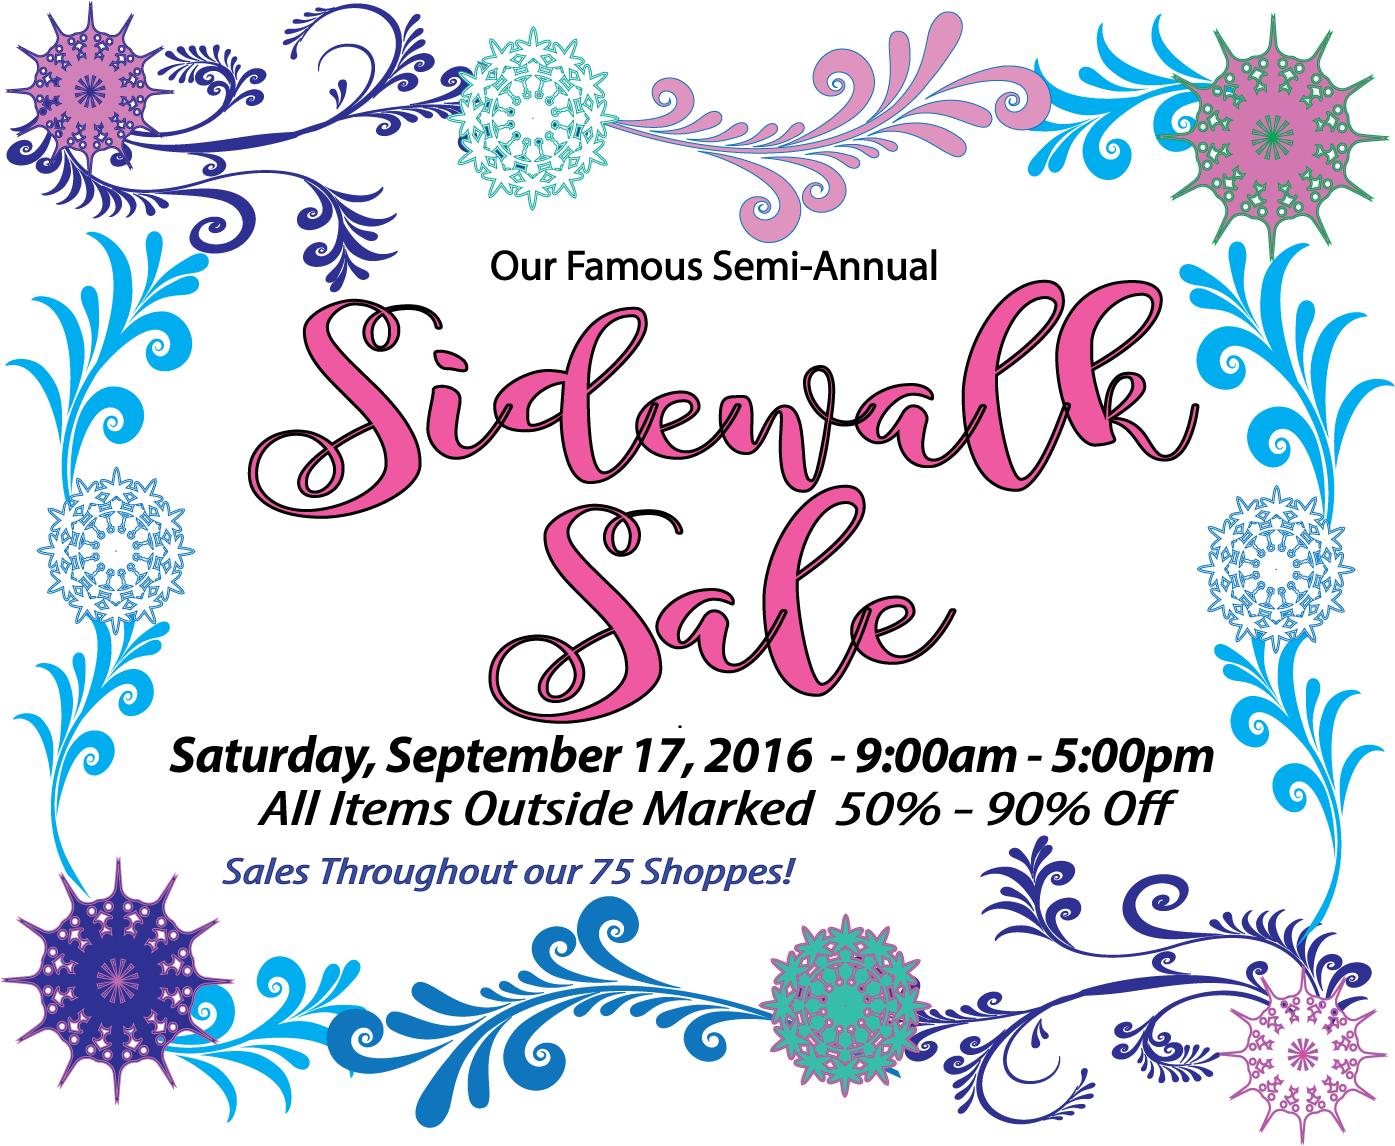 Sidewalk Sale September 2016 flyer